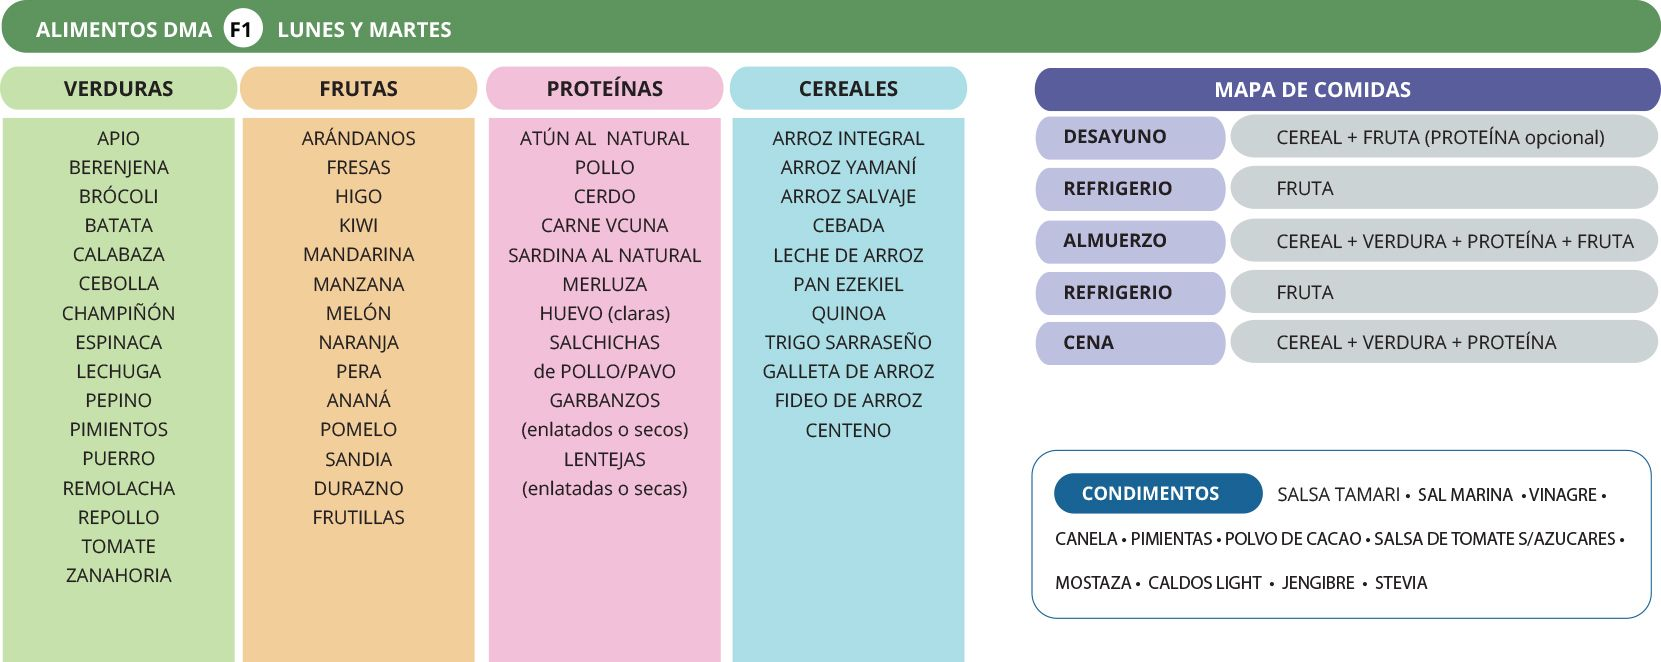 DMA Fase 1 by EugeRbr - Metabolismo acelerado recetas..